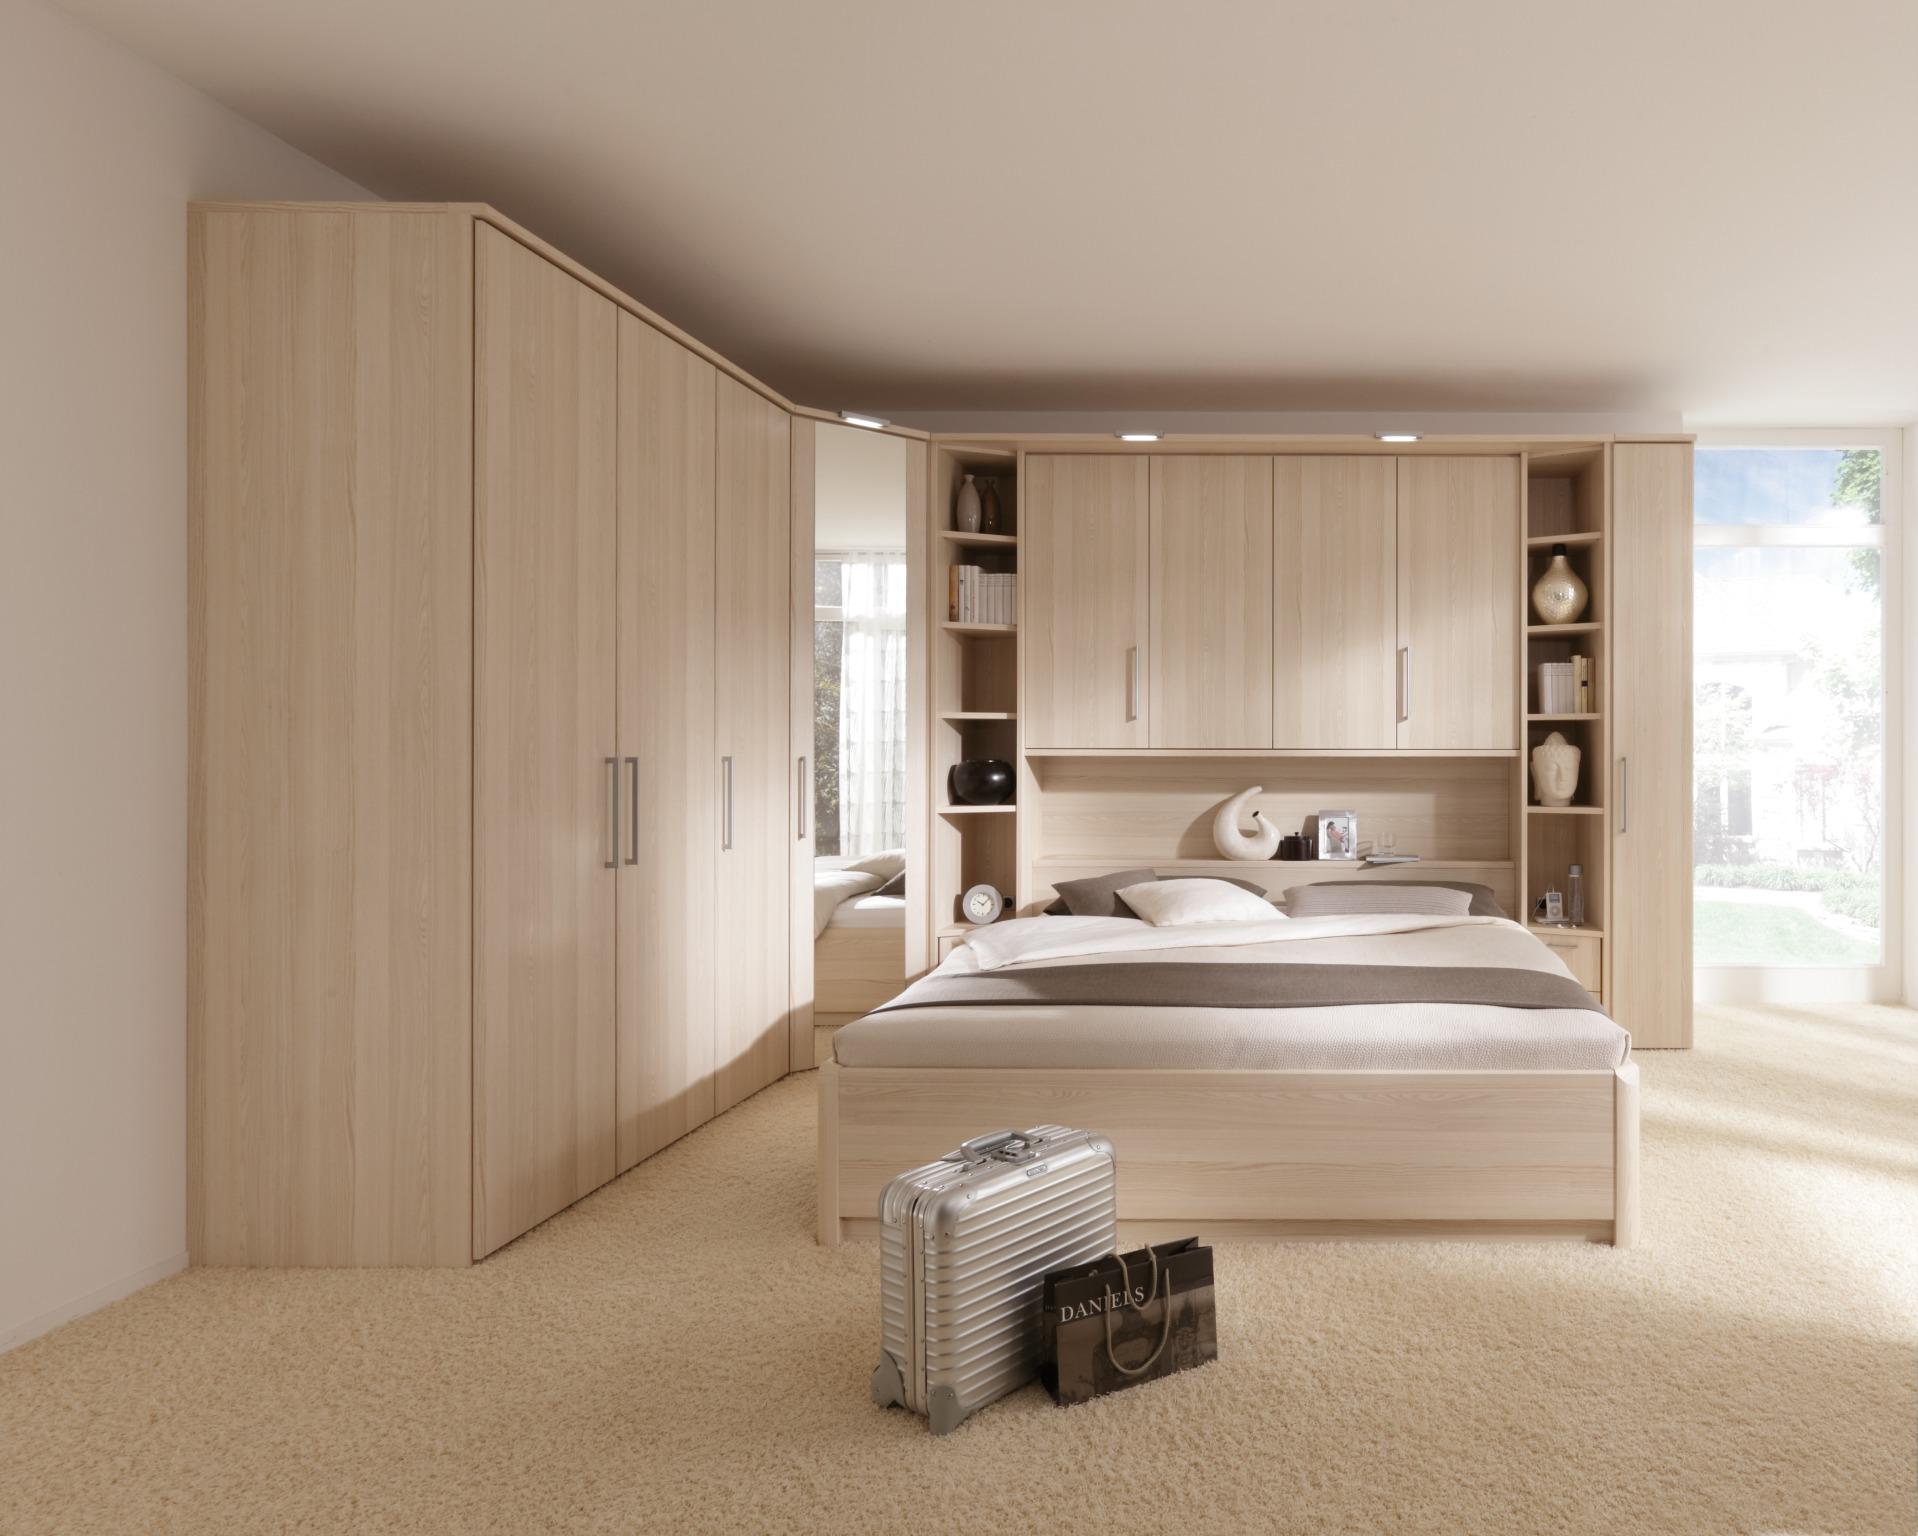 Угловой шкаф в интерьере спальни деревянный